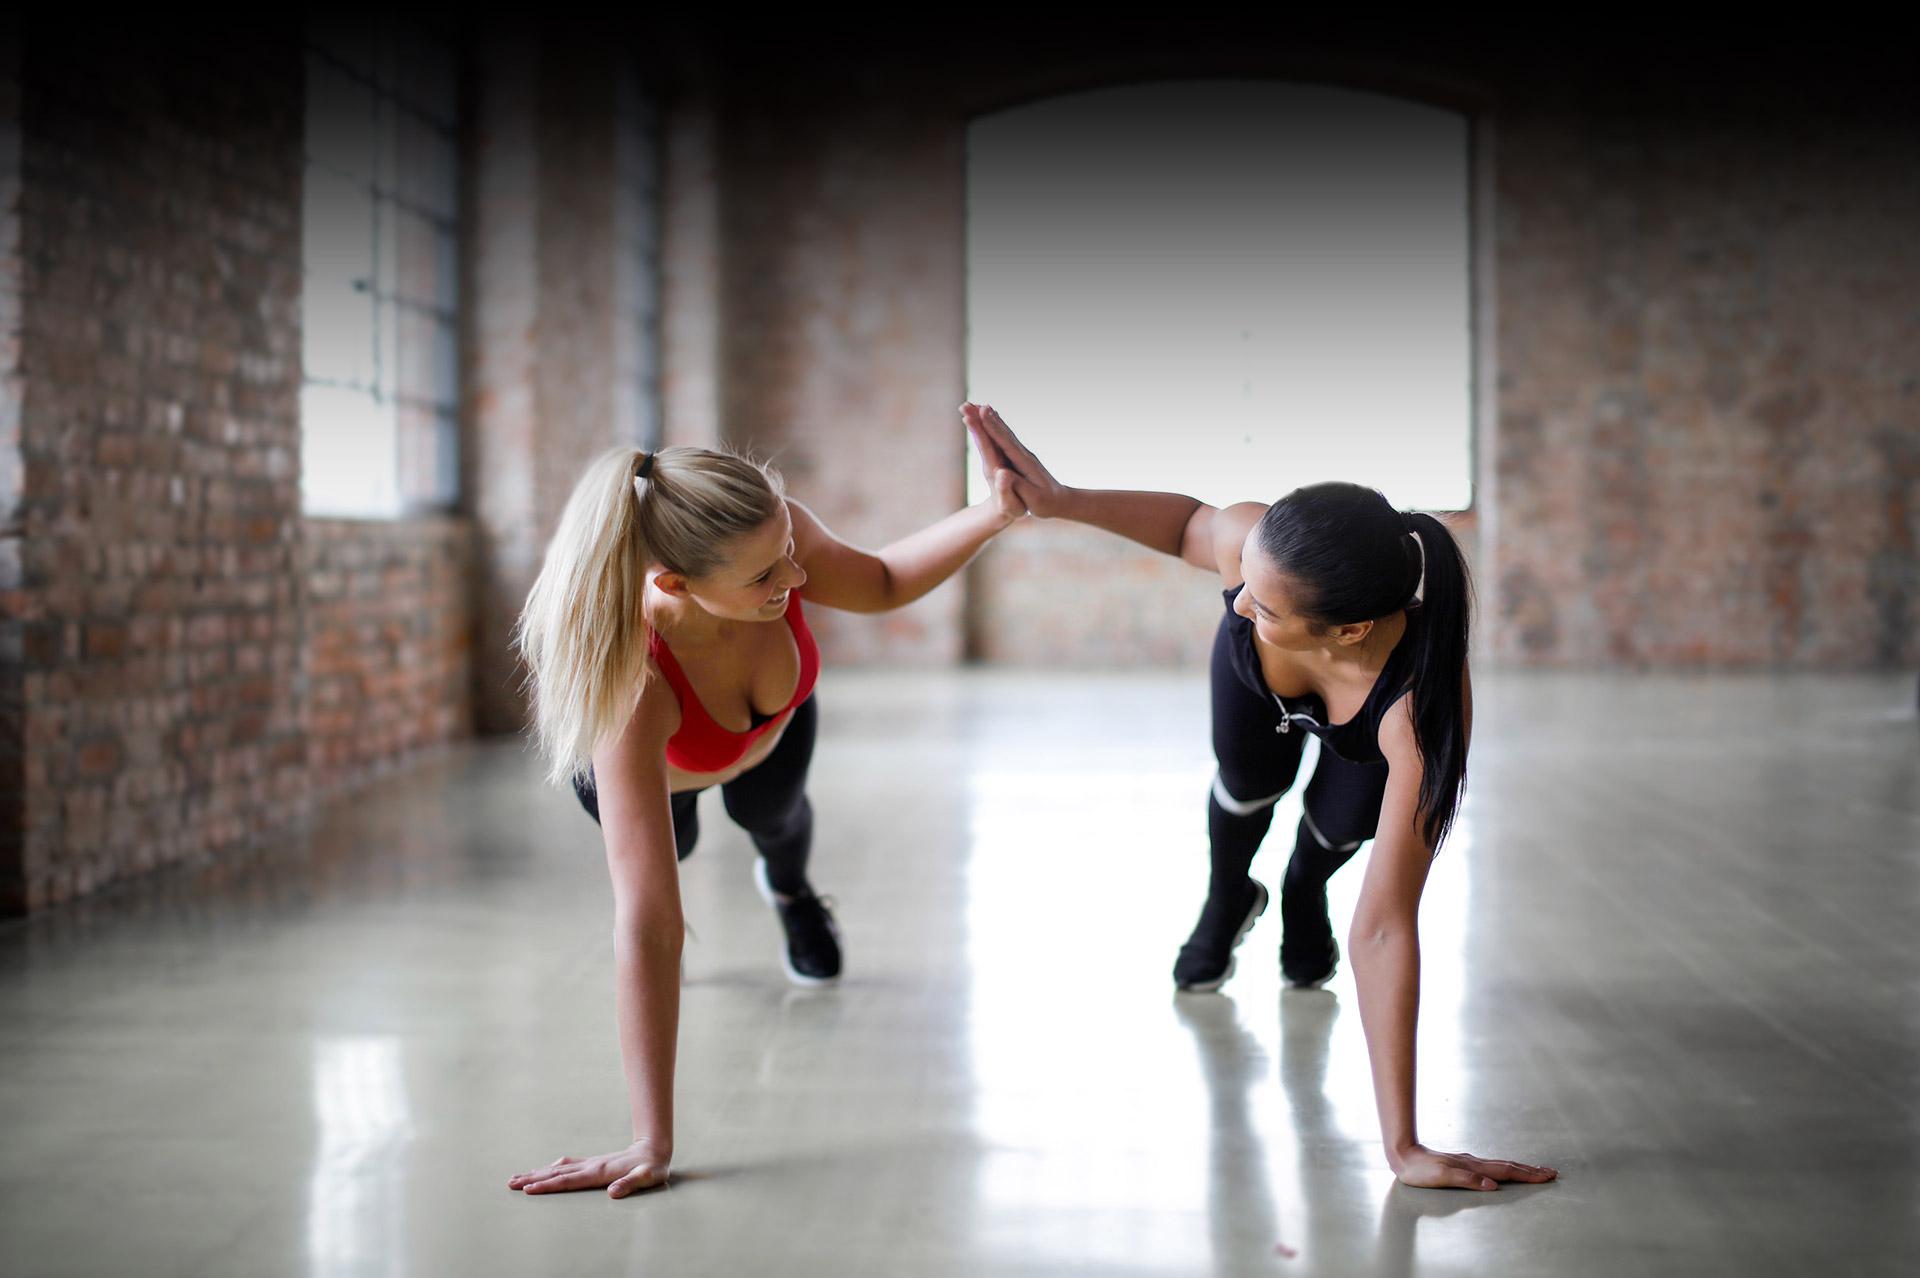 Scuola di Danza Lerose: corsi adulti fitness a Reggio Emilia